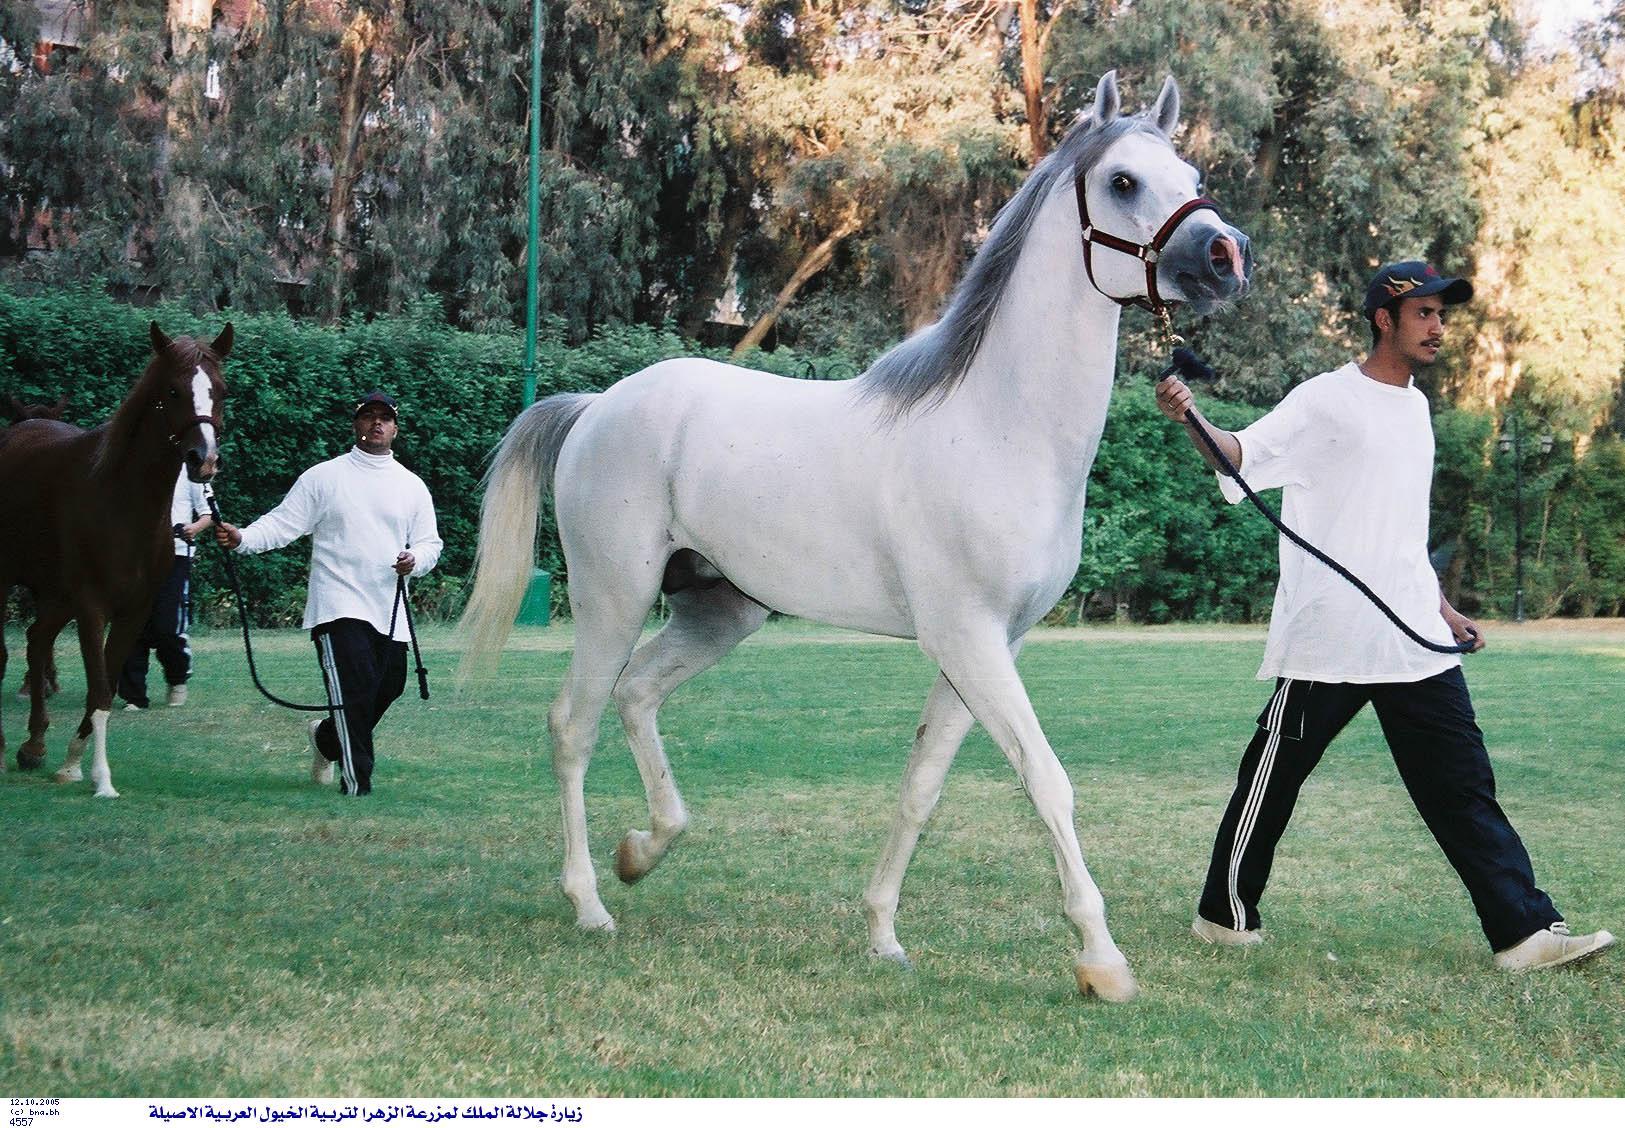 بالصور خيل اصيل , اجمل الخيول الاصيلة 1448 2